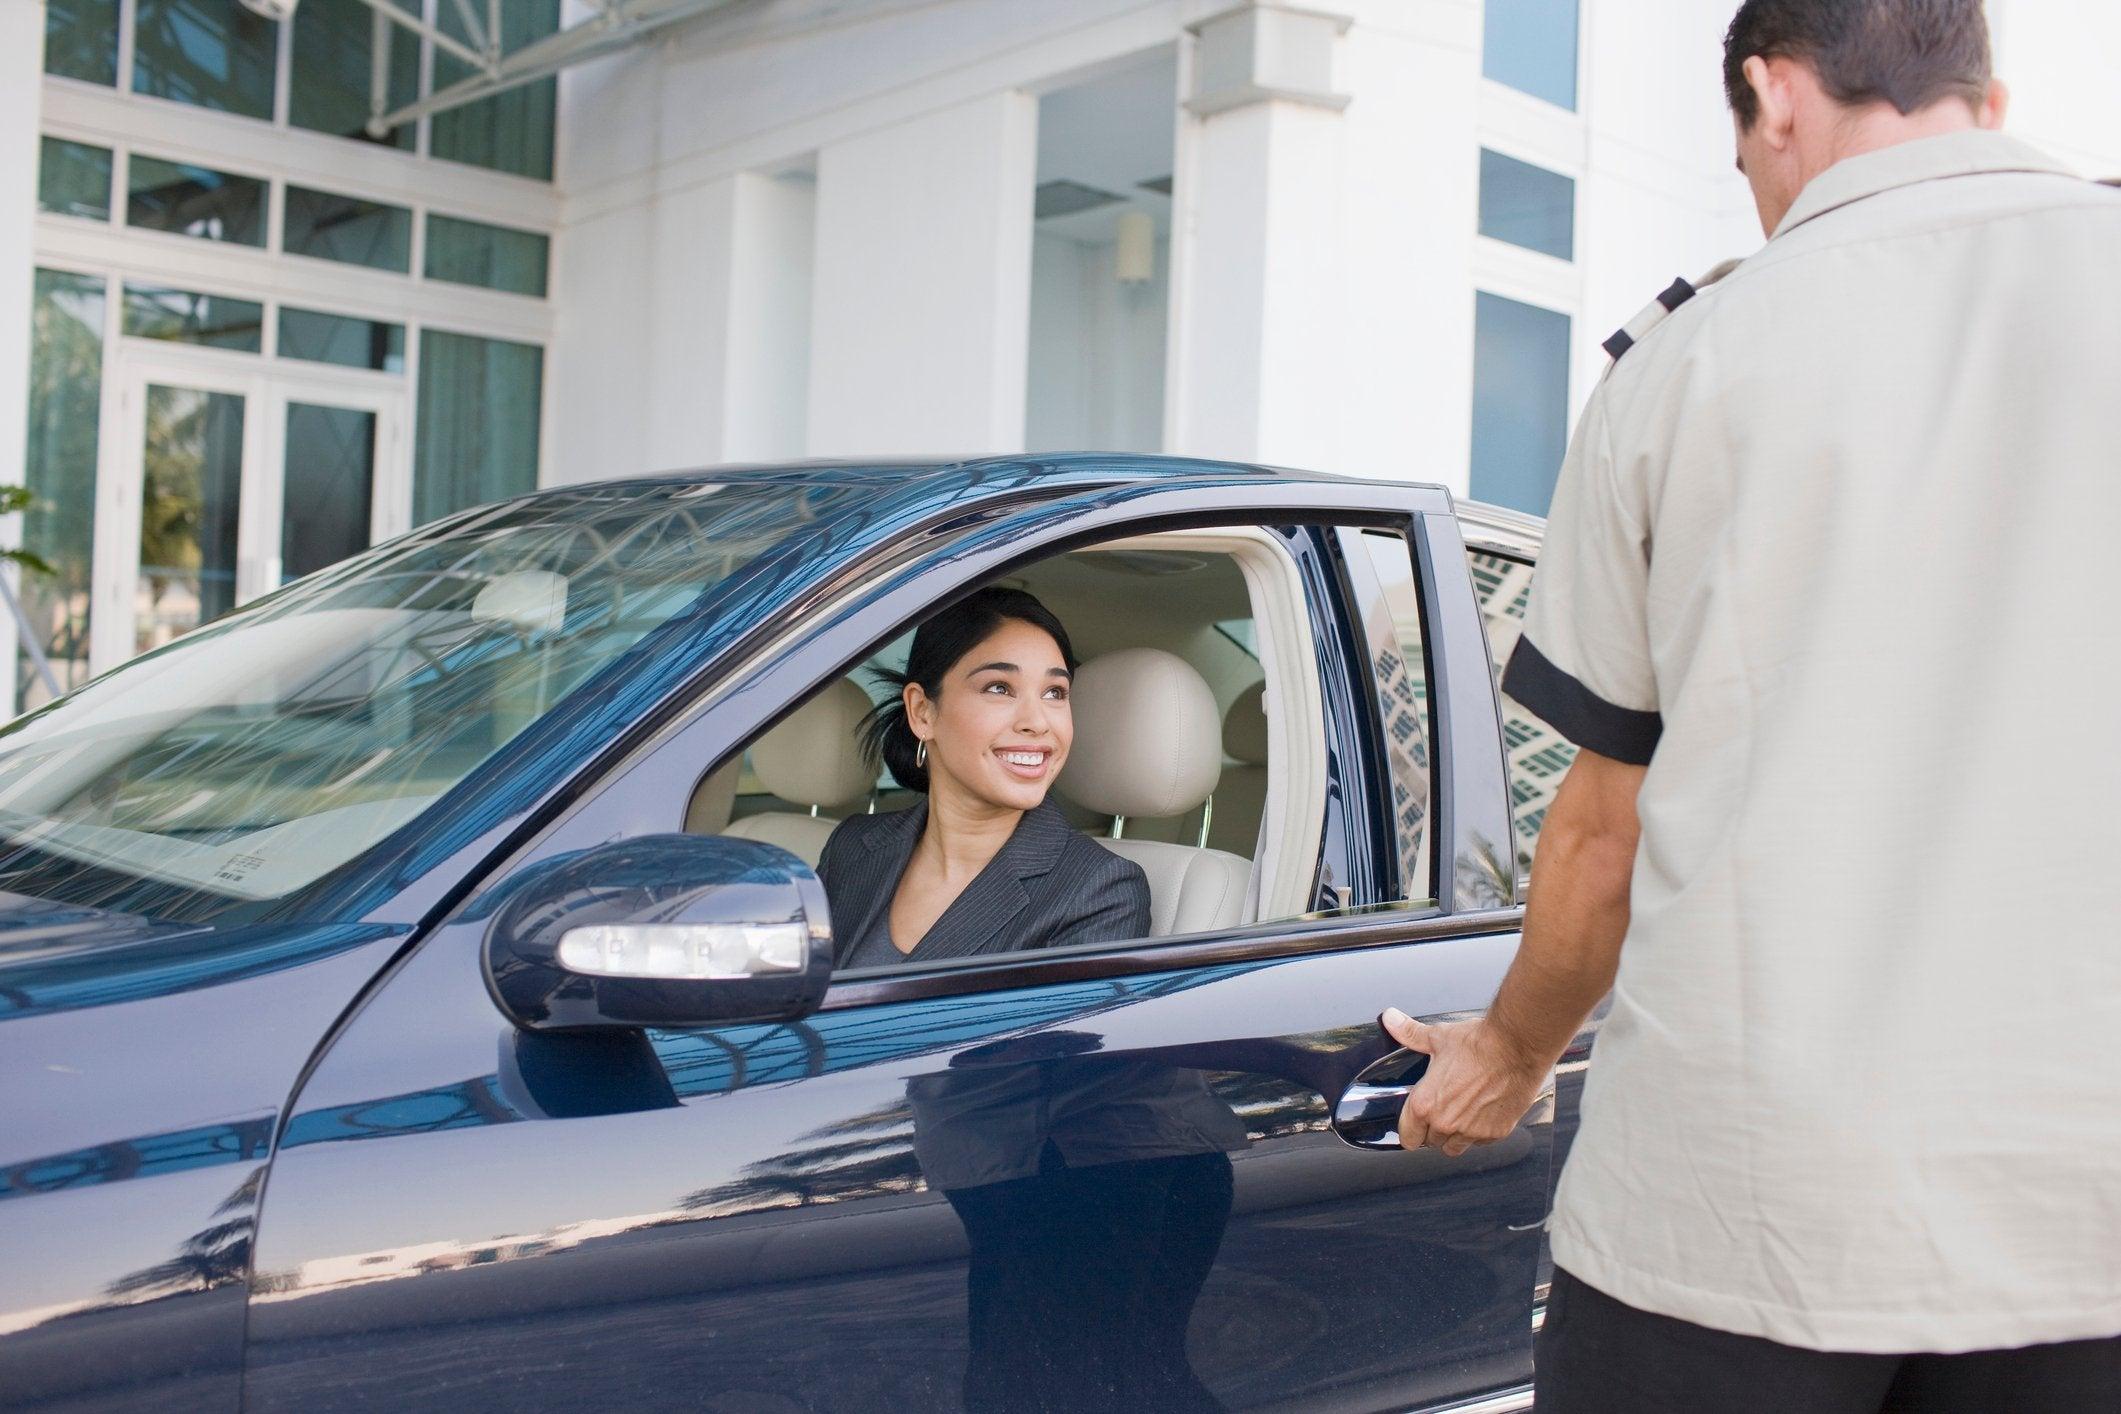 Valet Parking Service